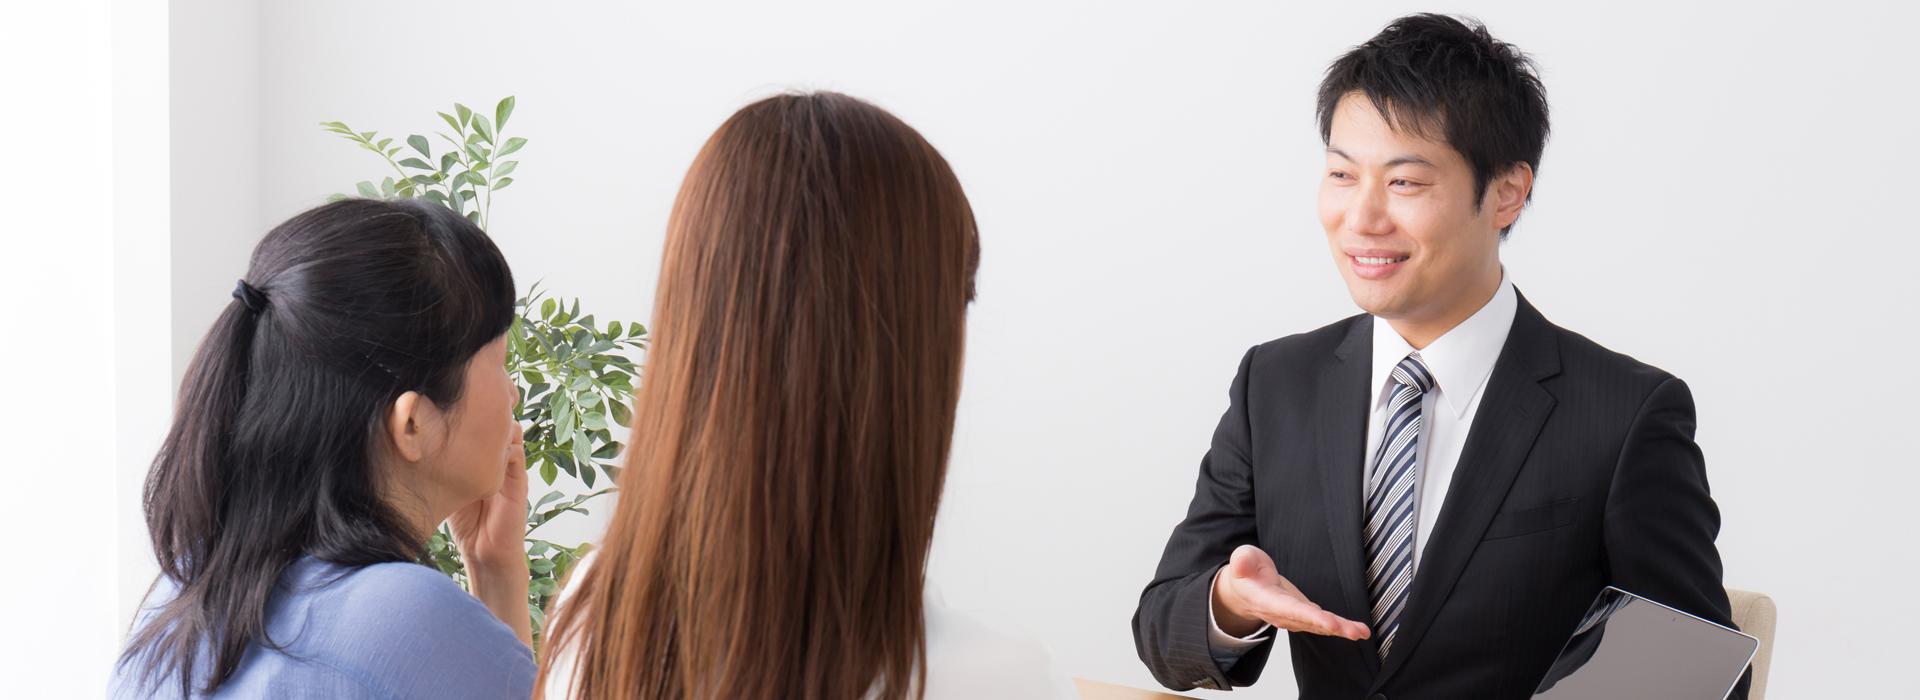 利用閒聊創造幫助顧客的契機